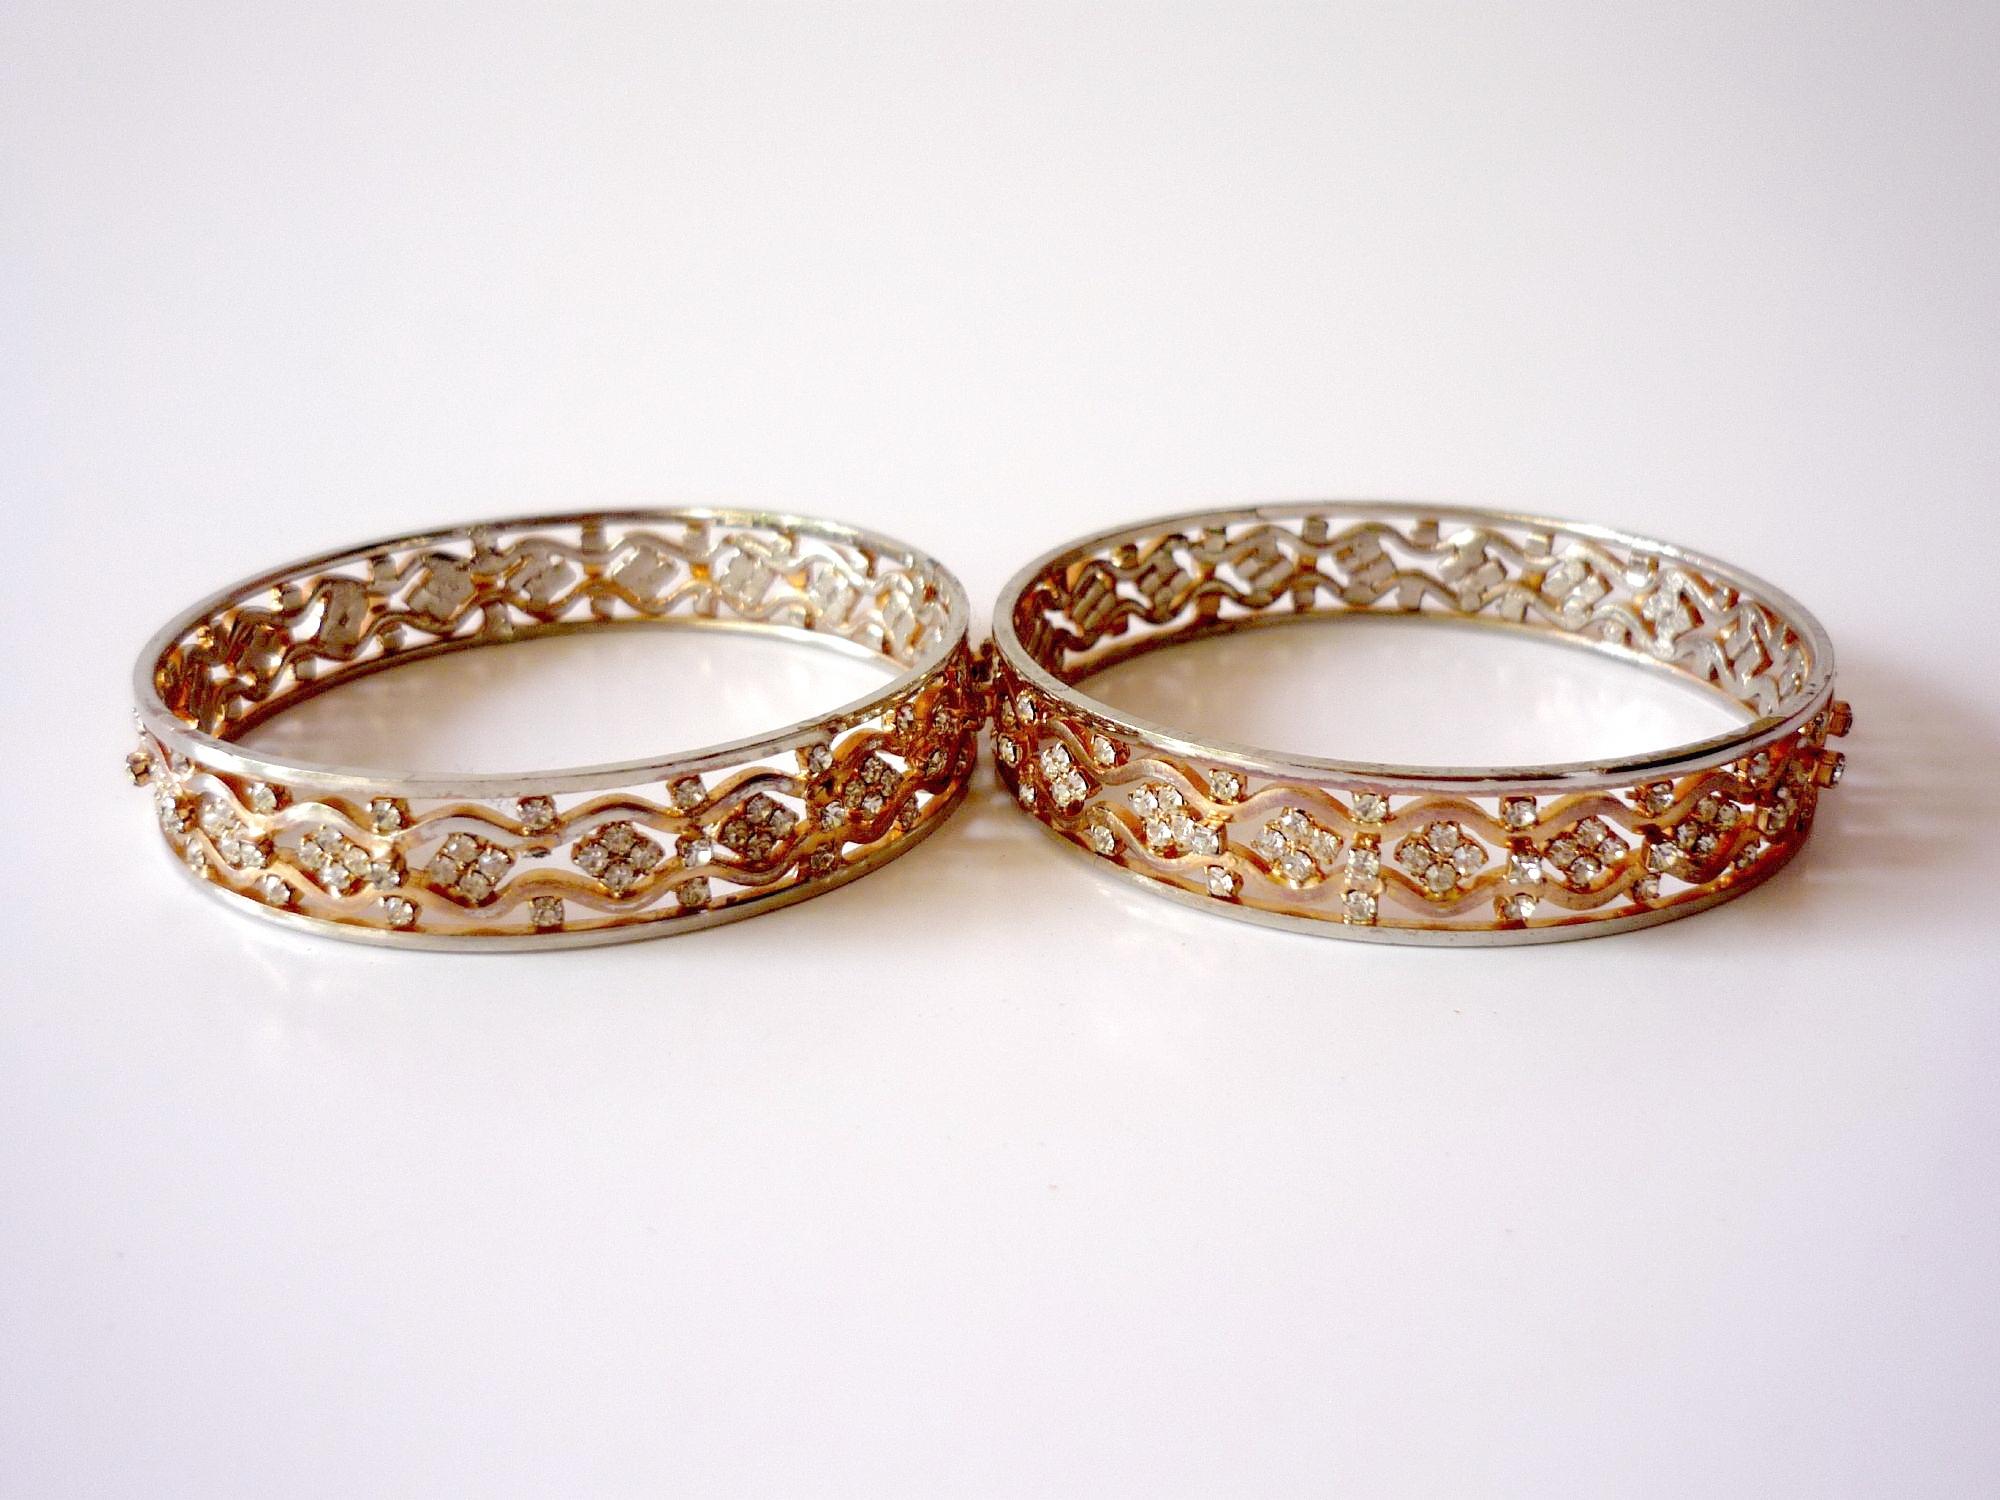 Gold bangles photo